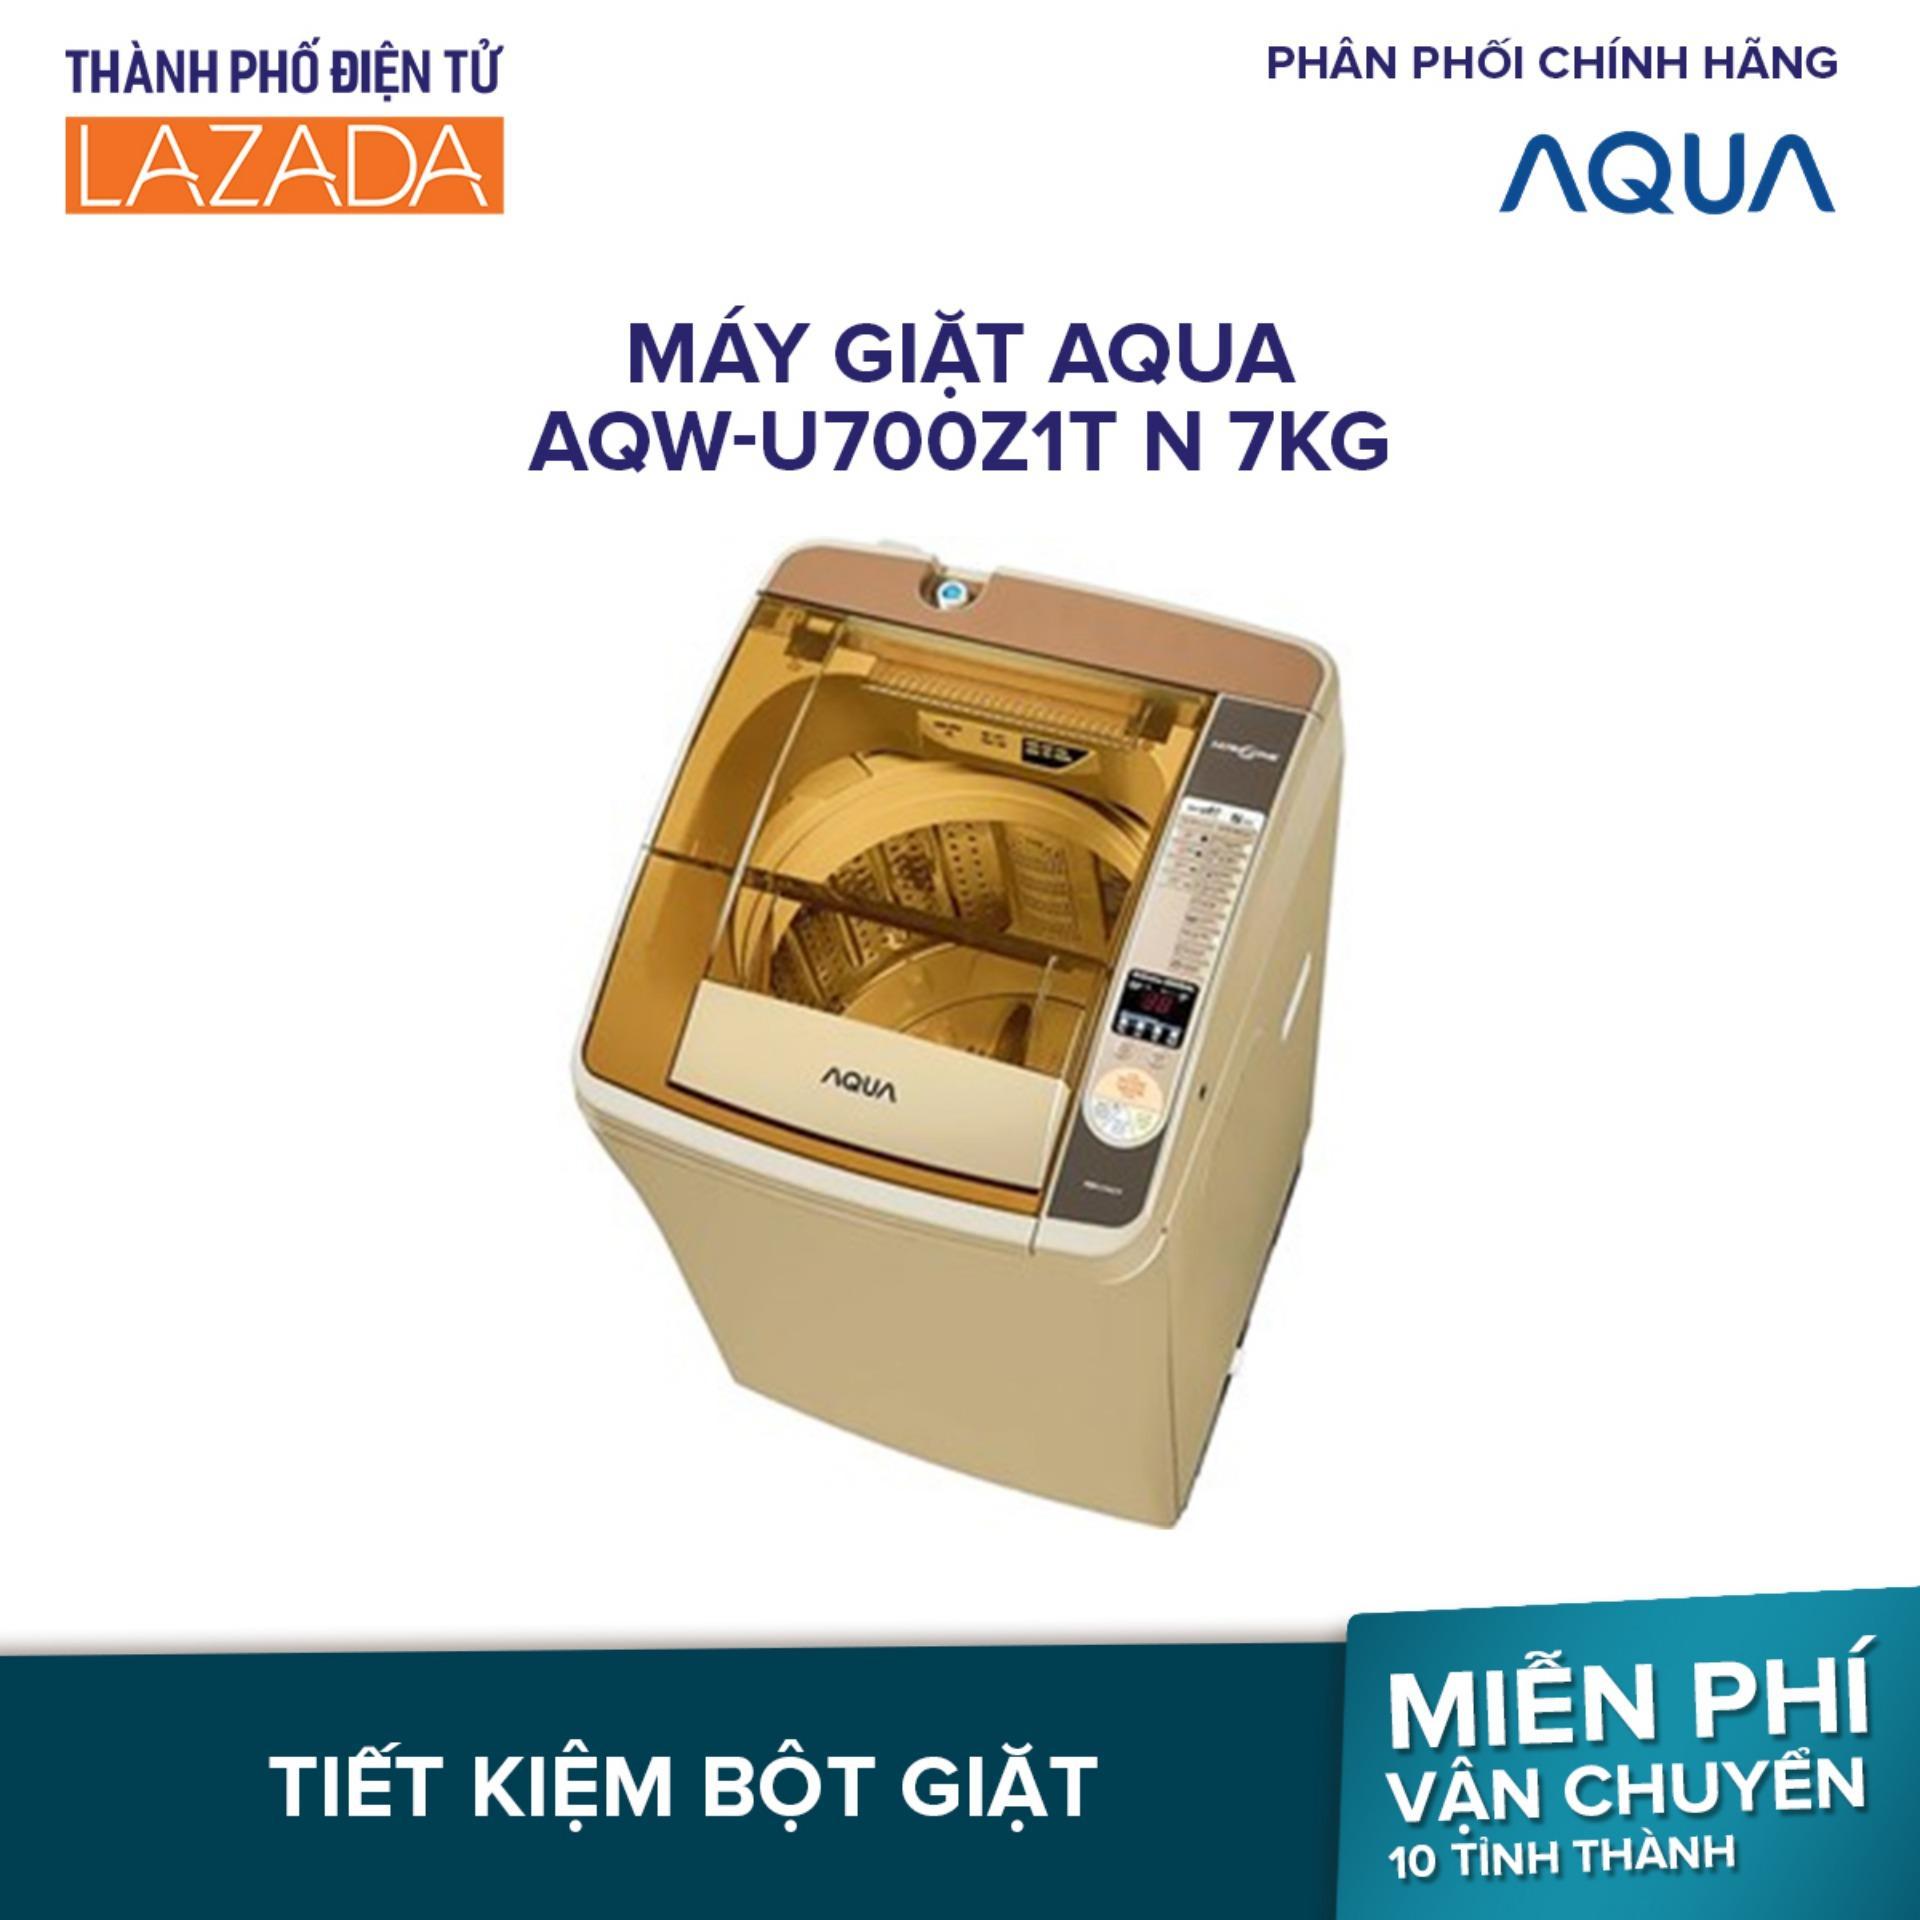 Máy giặt AQUA AQW-U700Z1T N 7kg - Hàng phân phối chính hãng